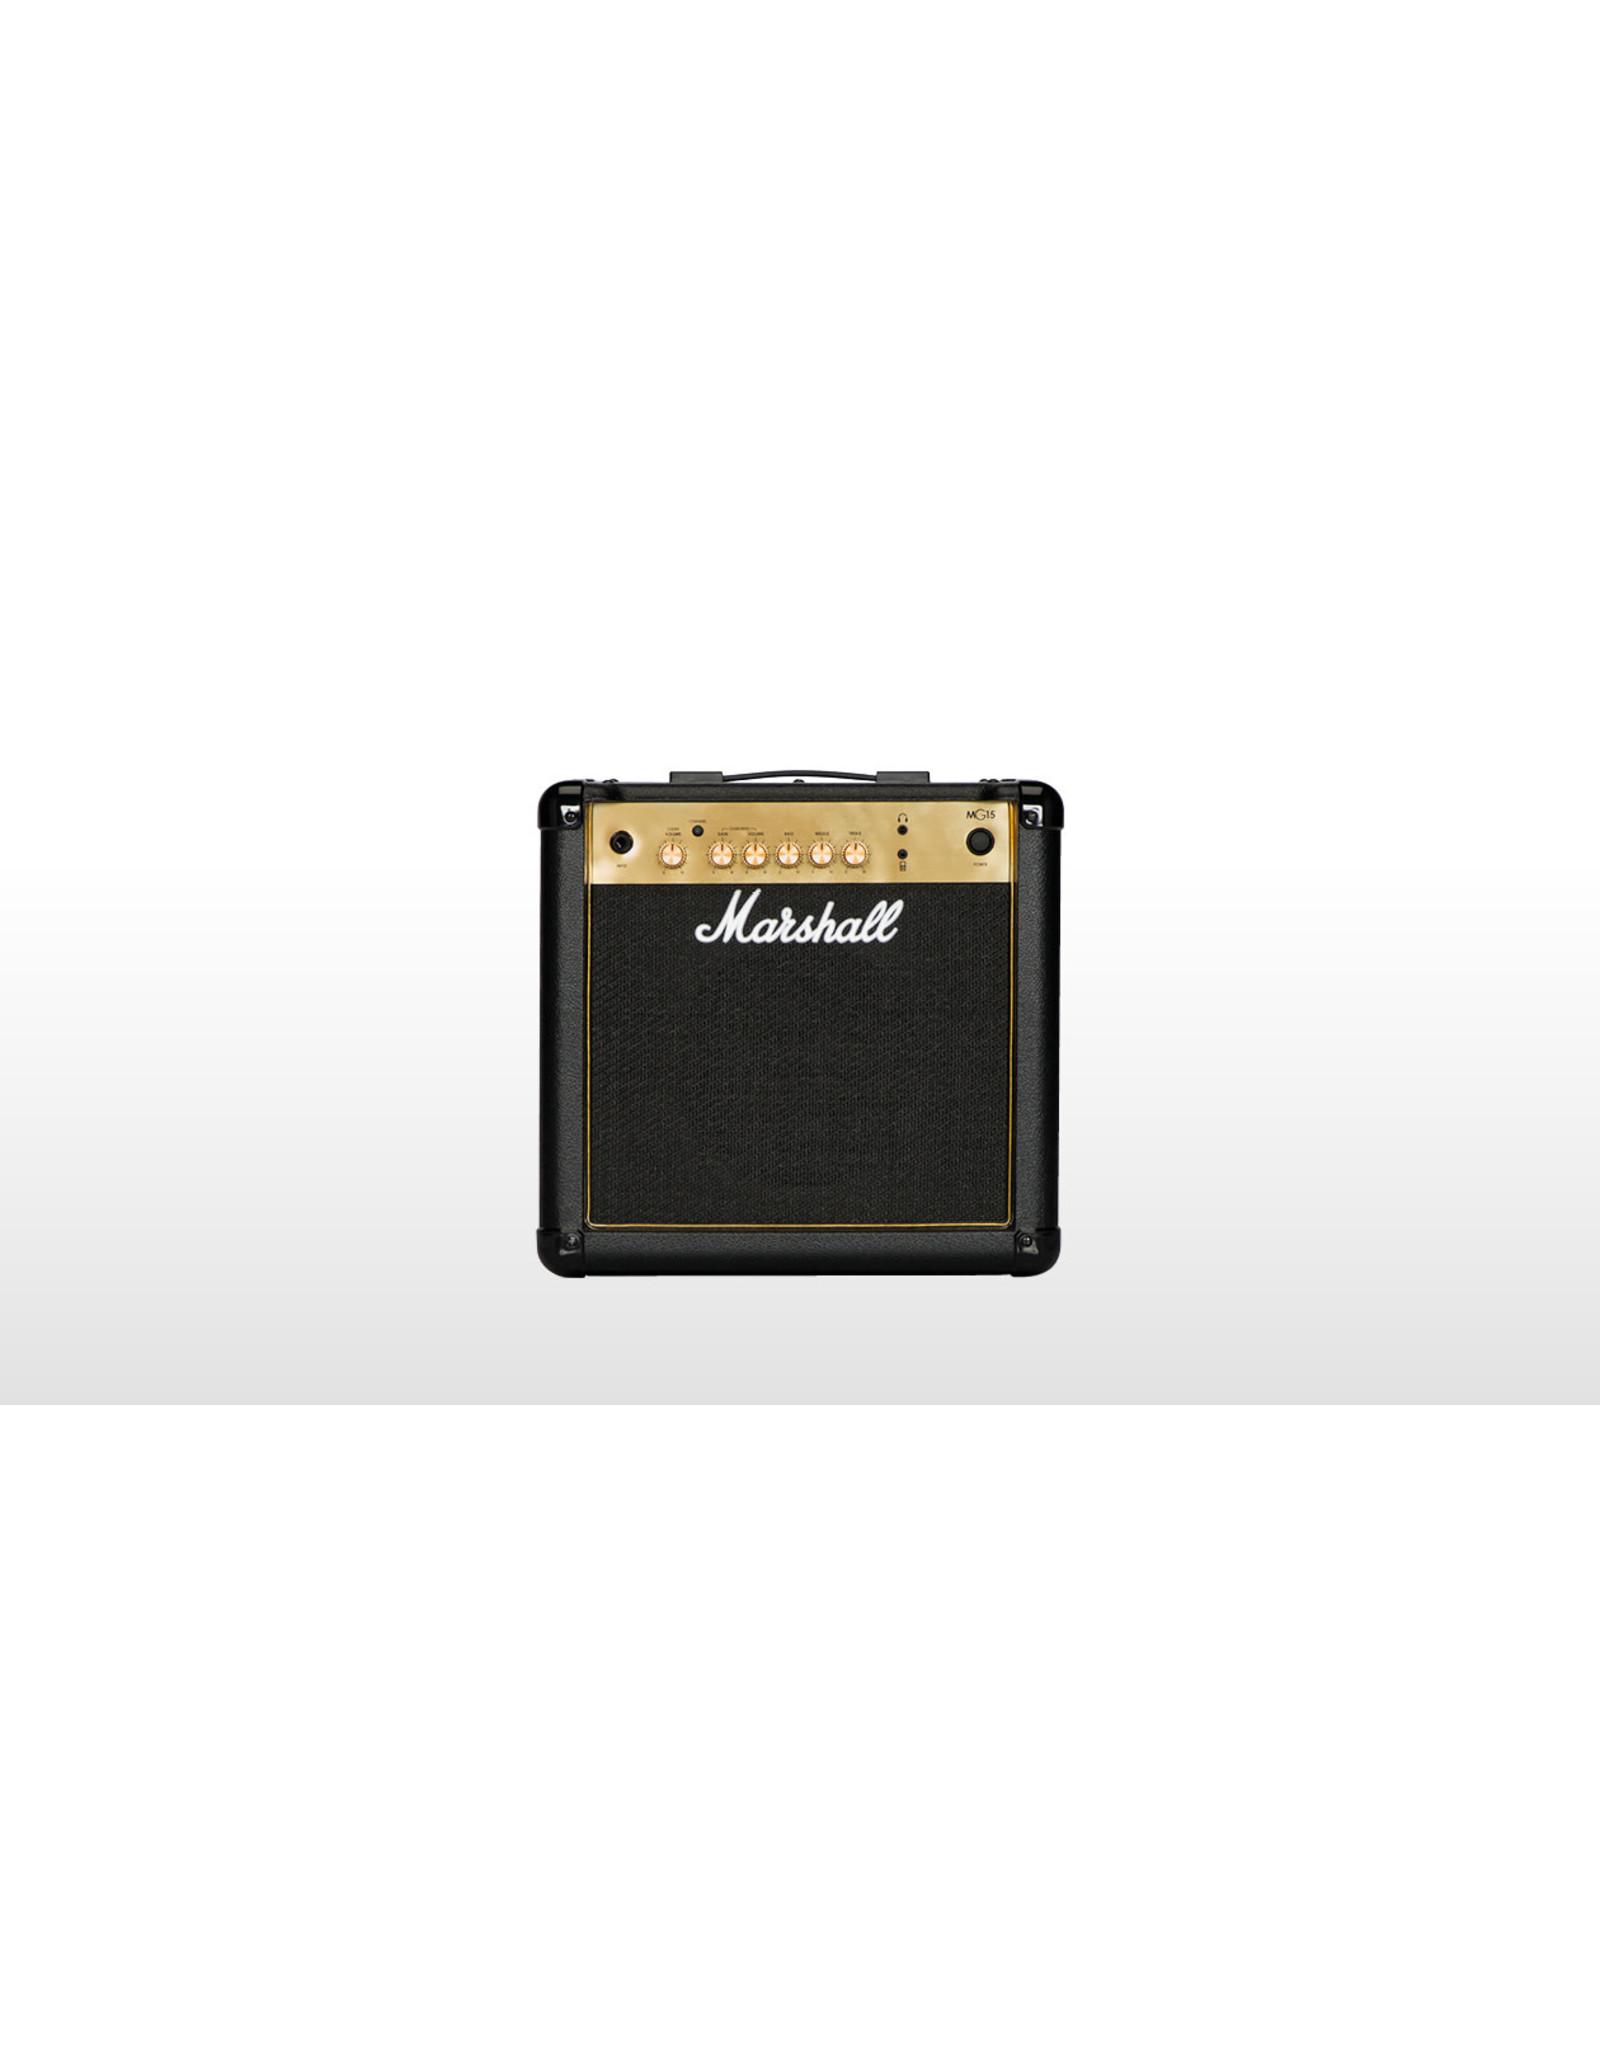 Marshall Marshall MG15 Gold